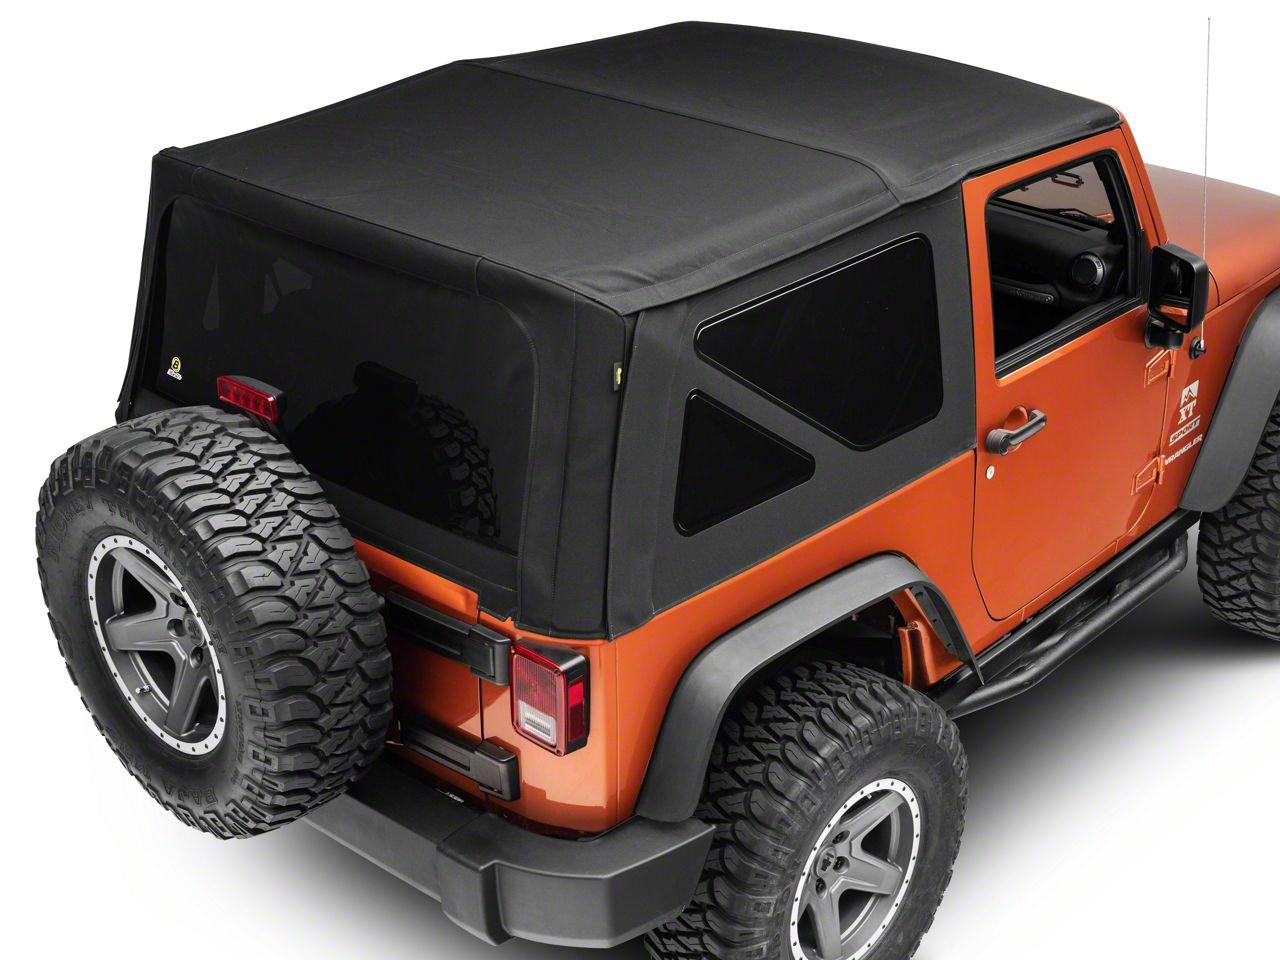 Bestop Replace-A-Top w/ Tinted Windows - Matte Black Twill (10-18 Jeep Wrangler JK 2 Door)